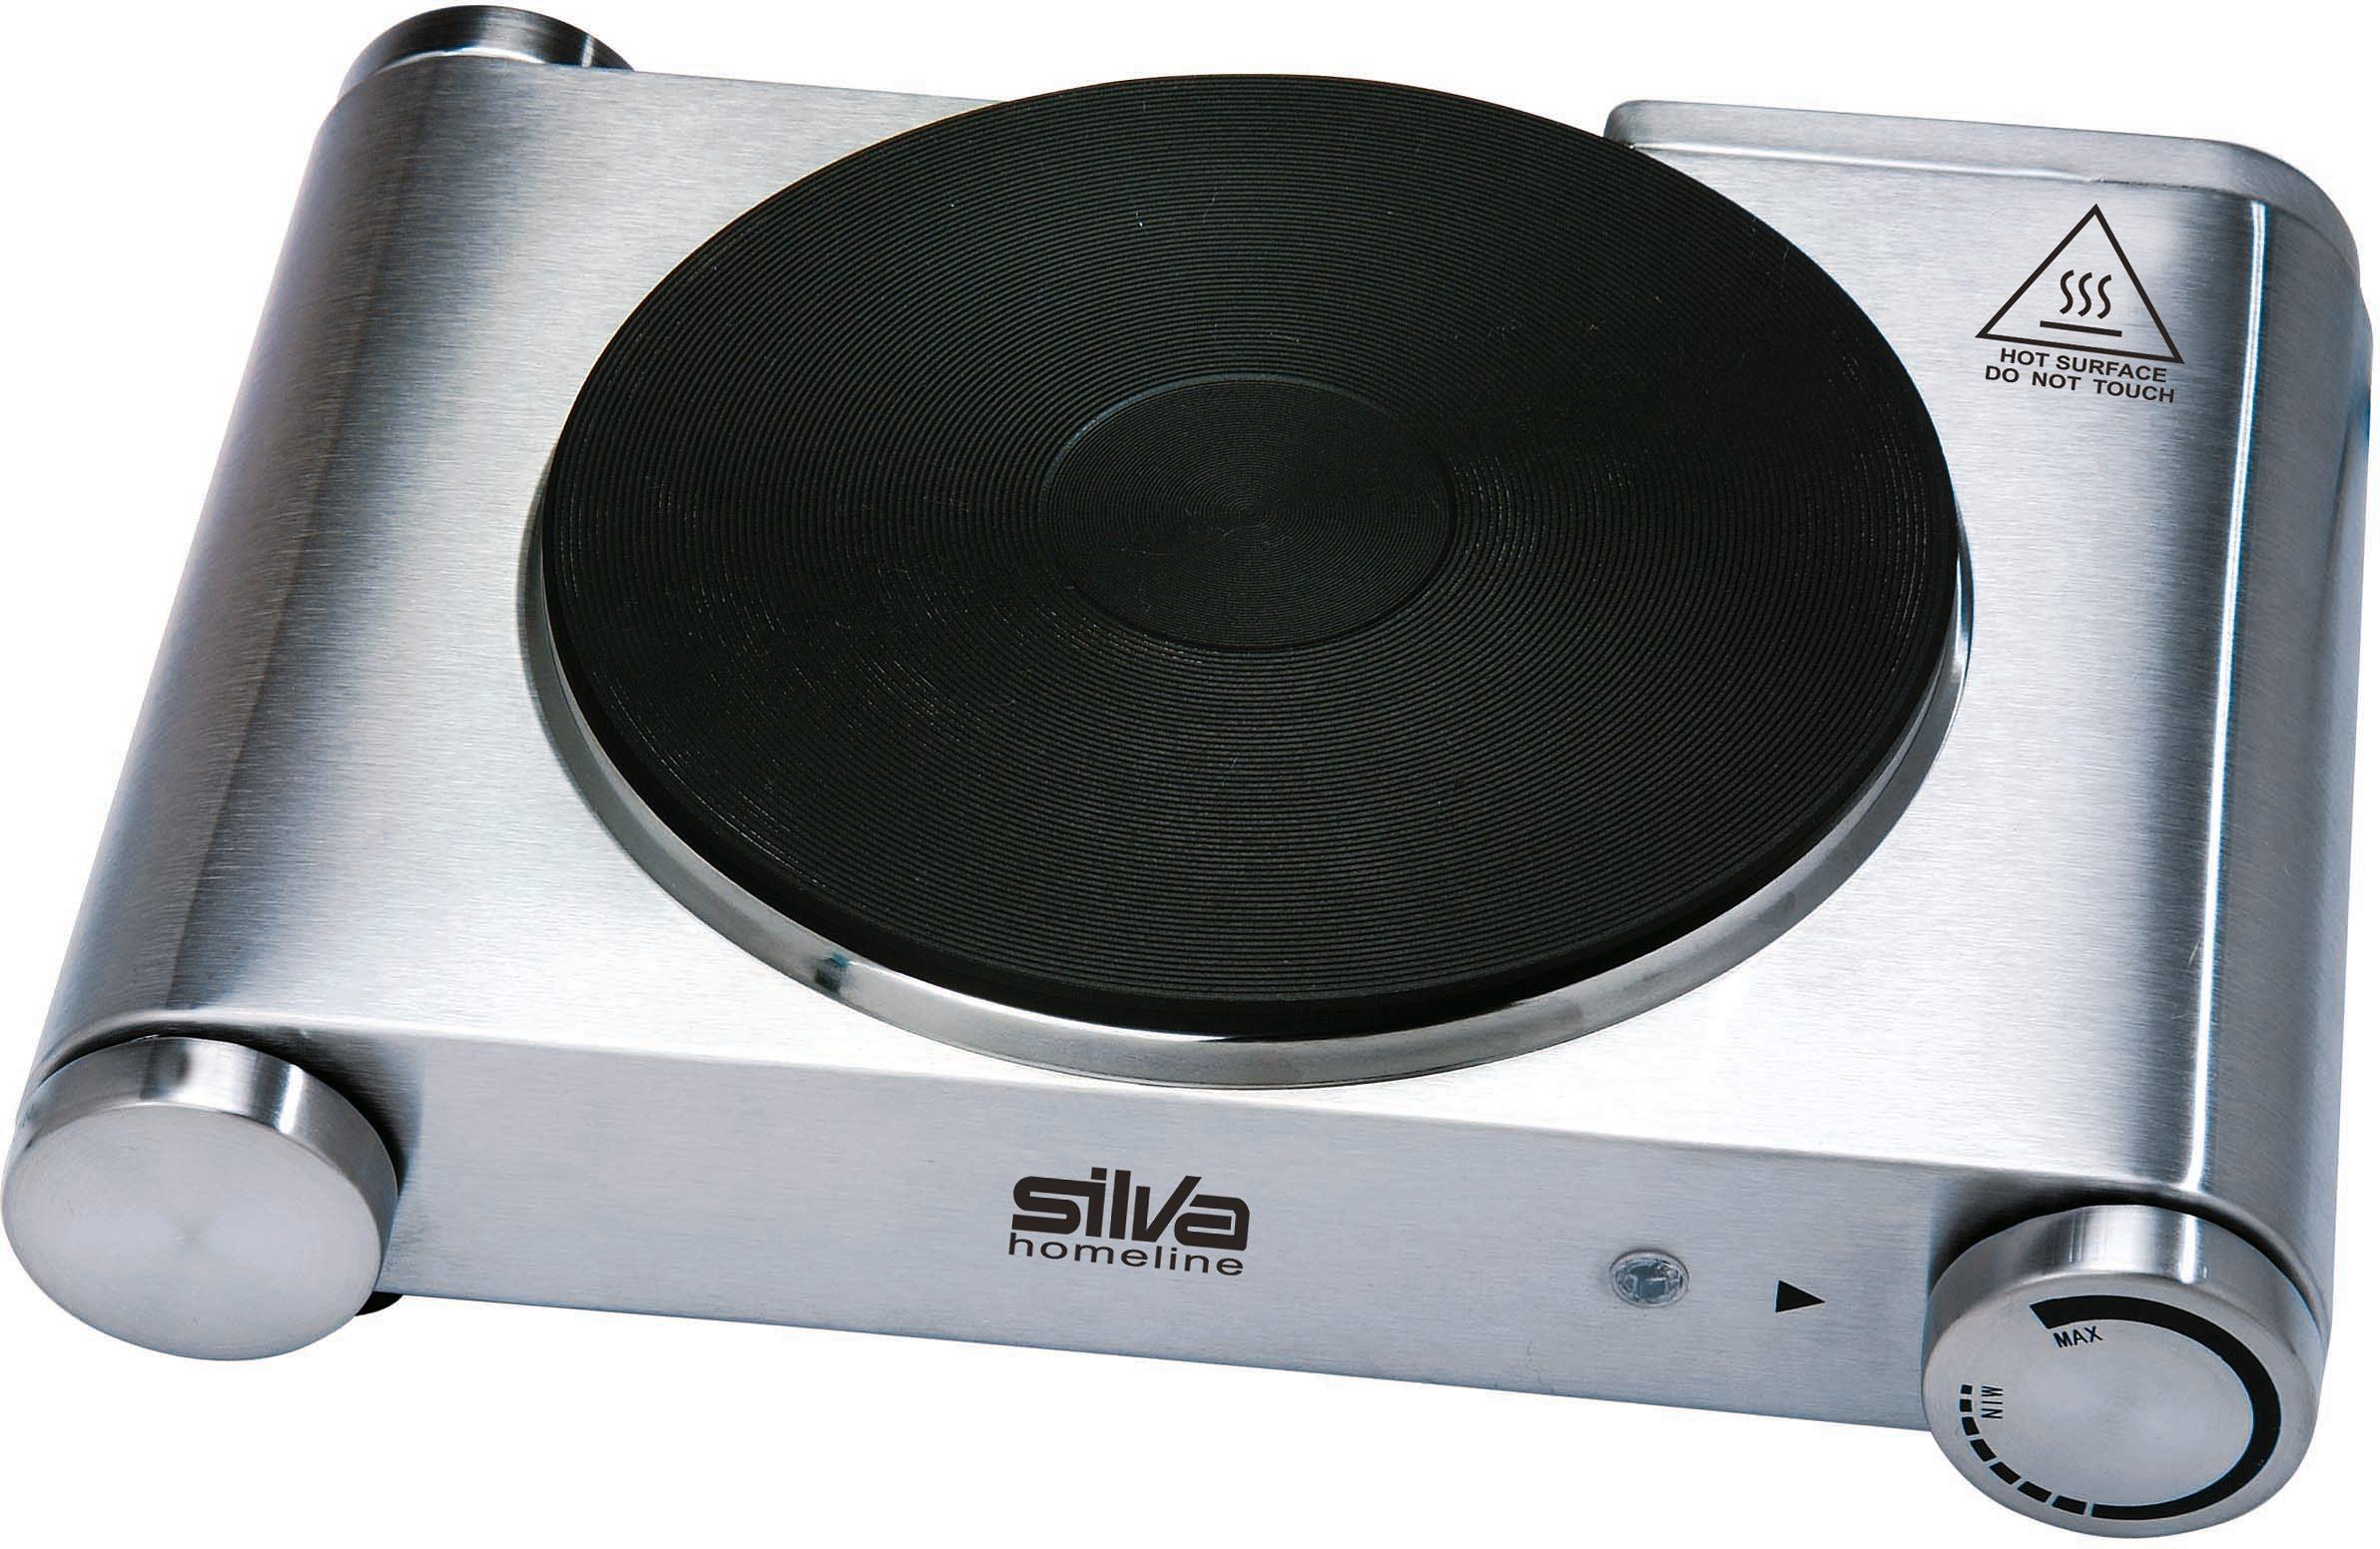 Silva homeline Edelstahl-Einzelkochplatte EKS 3121